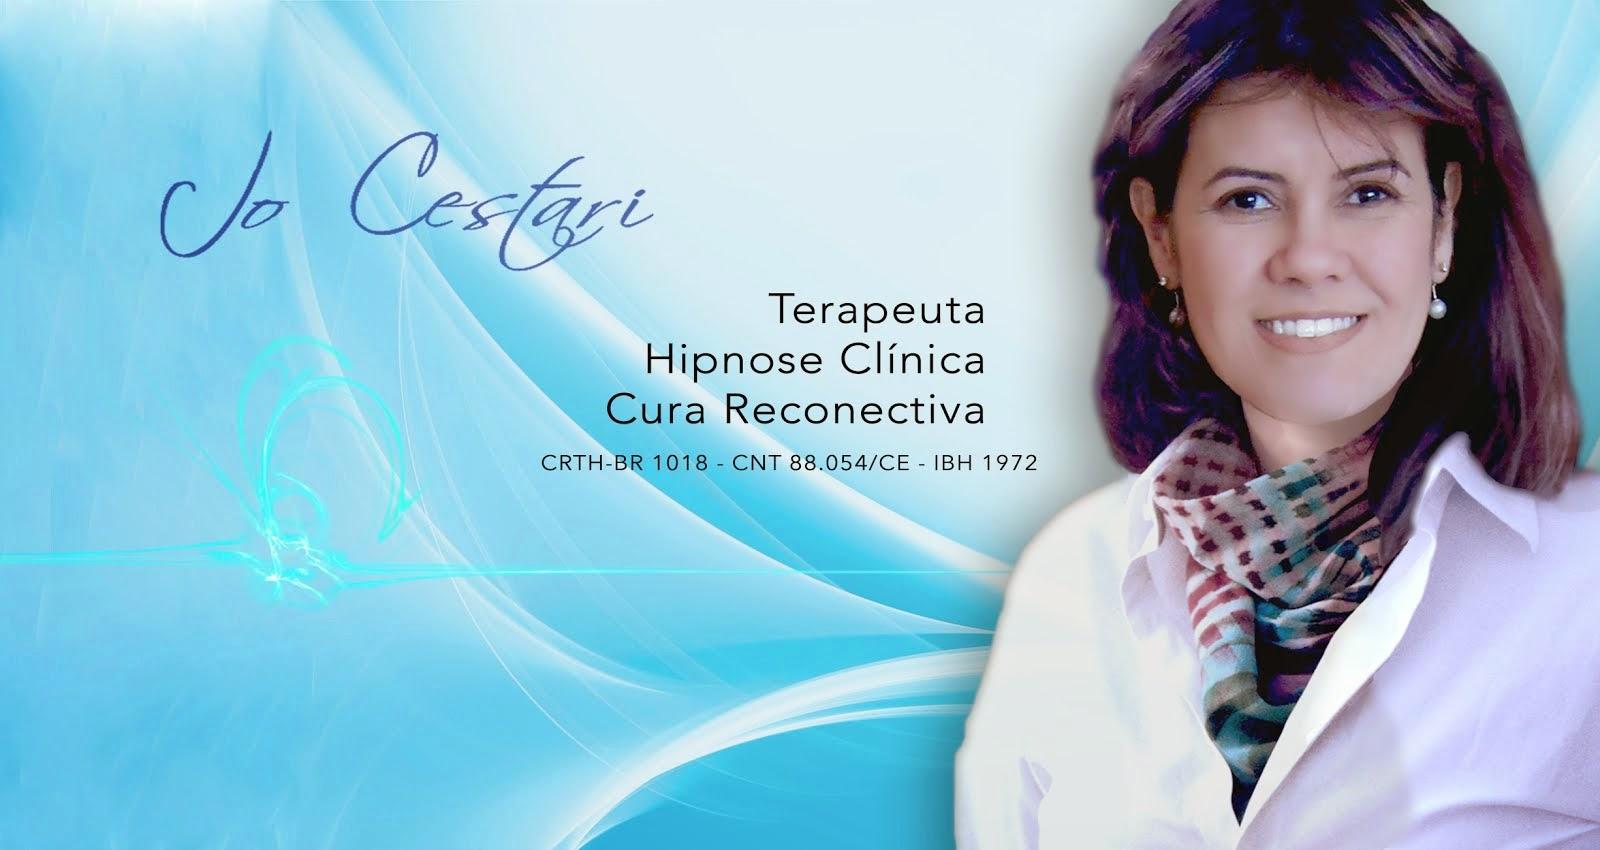 Jo Cestari Home Page